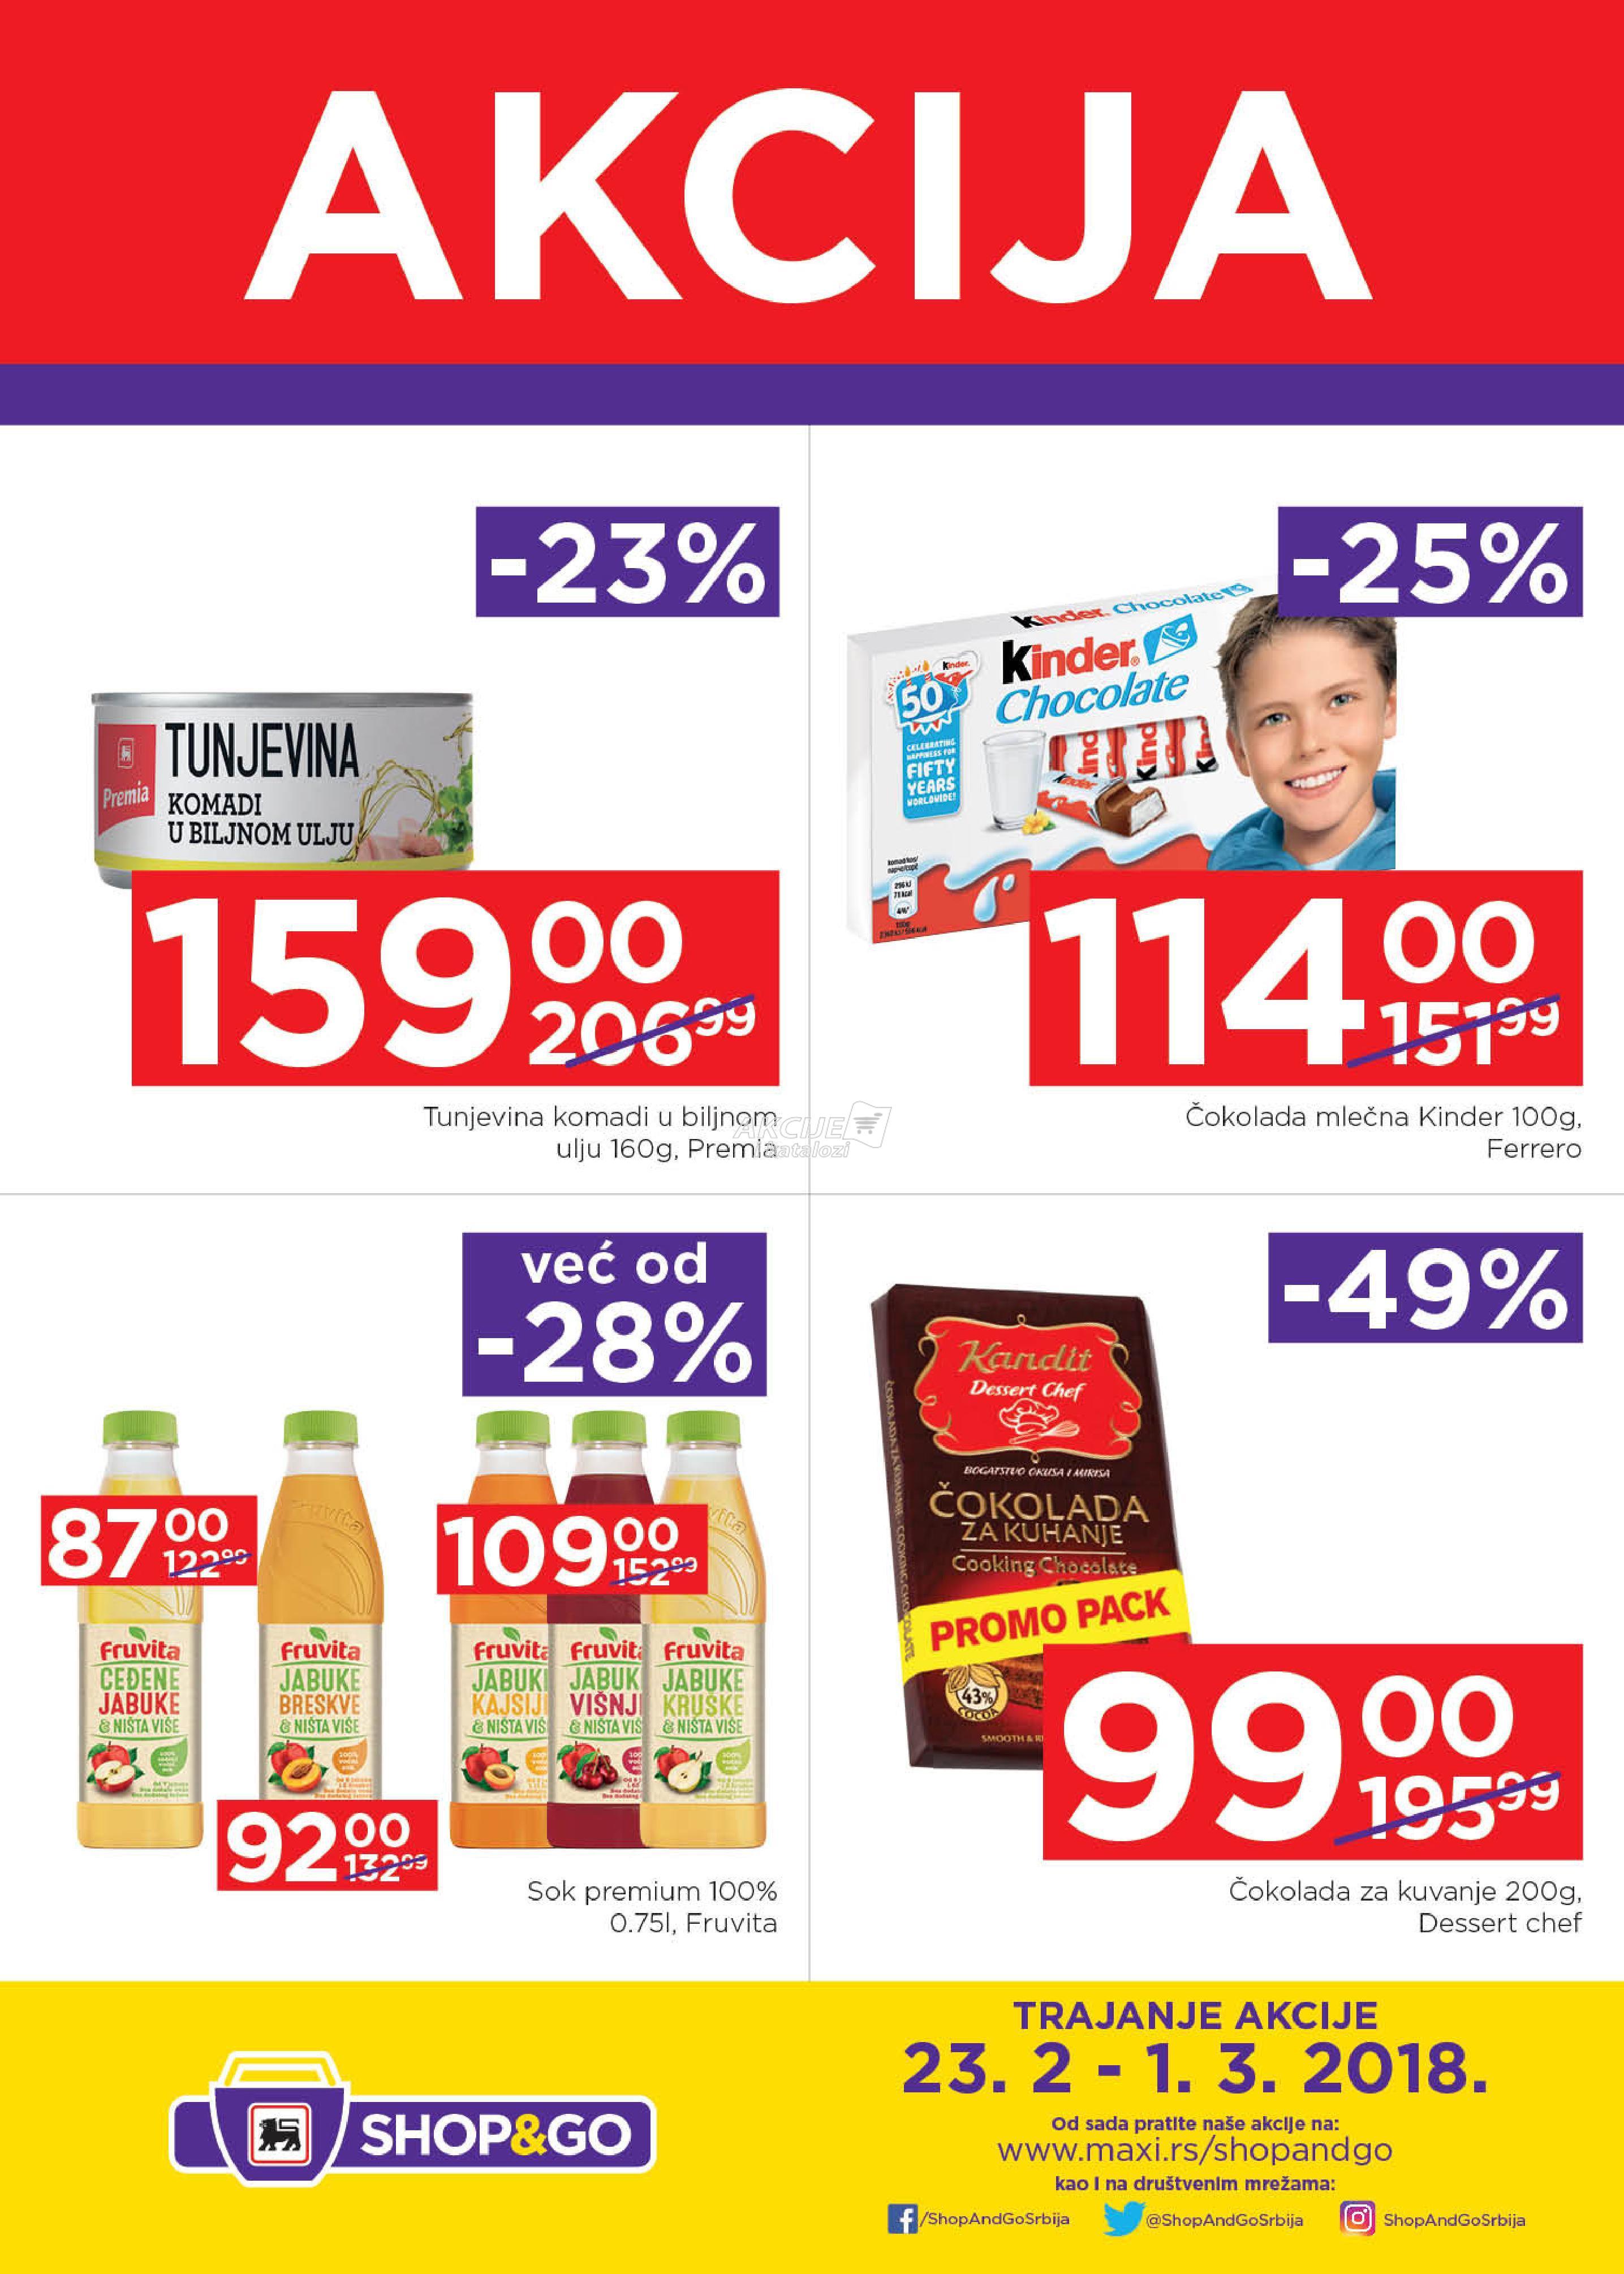 Shop&go - Redovna akcija nedeljne kupovine